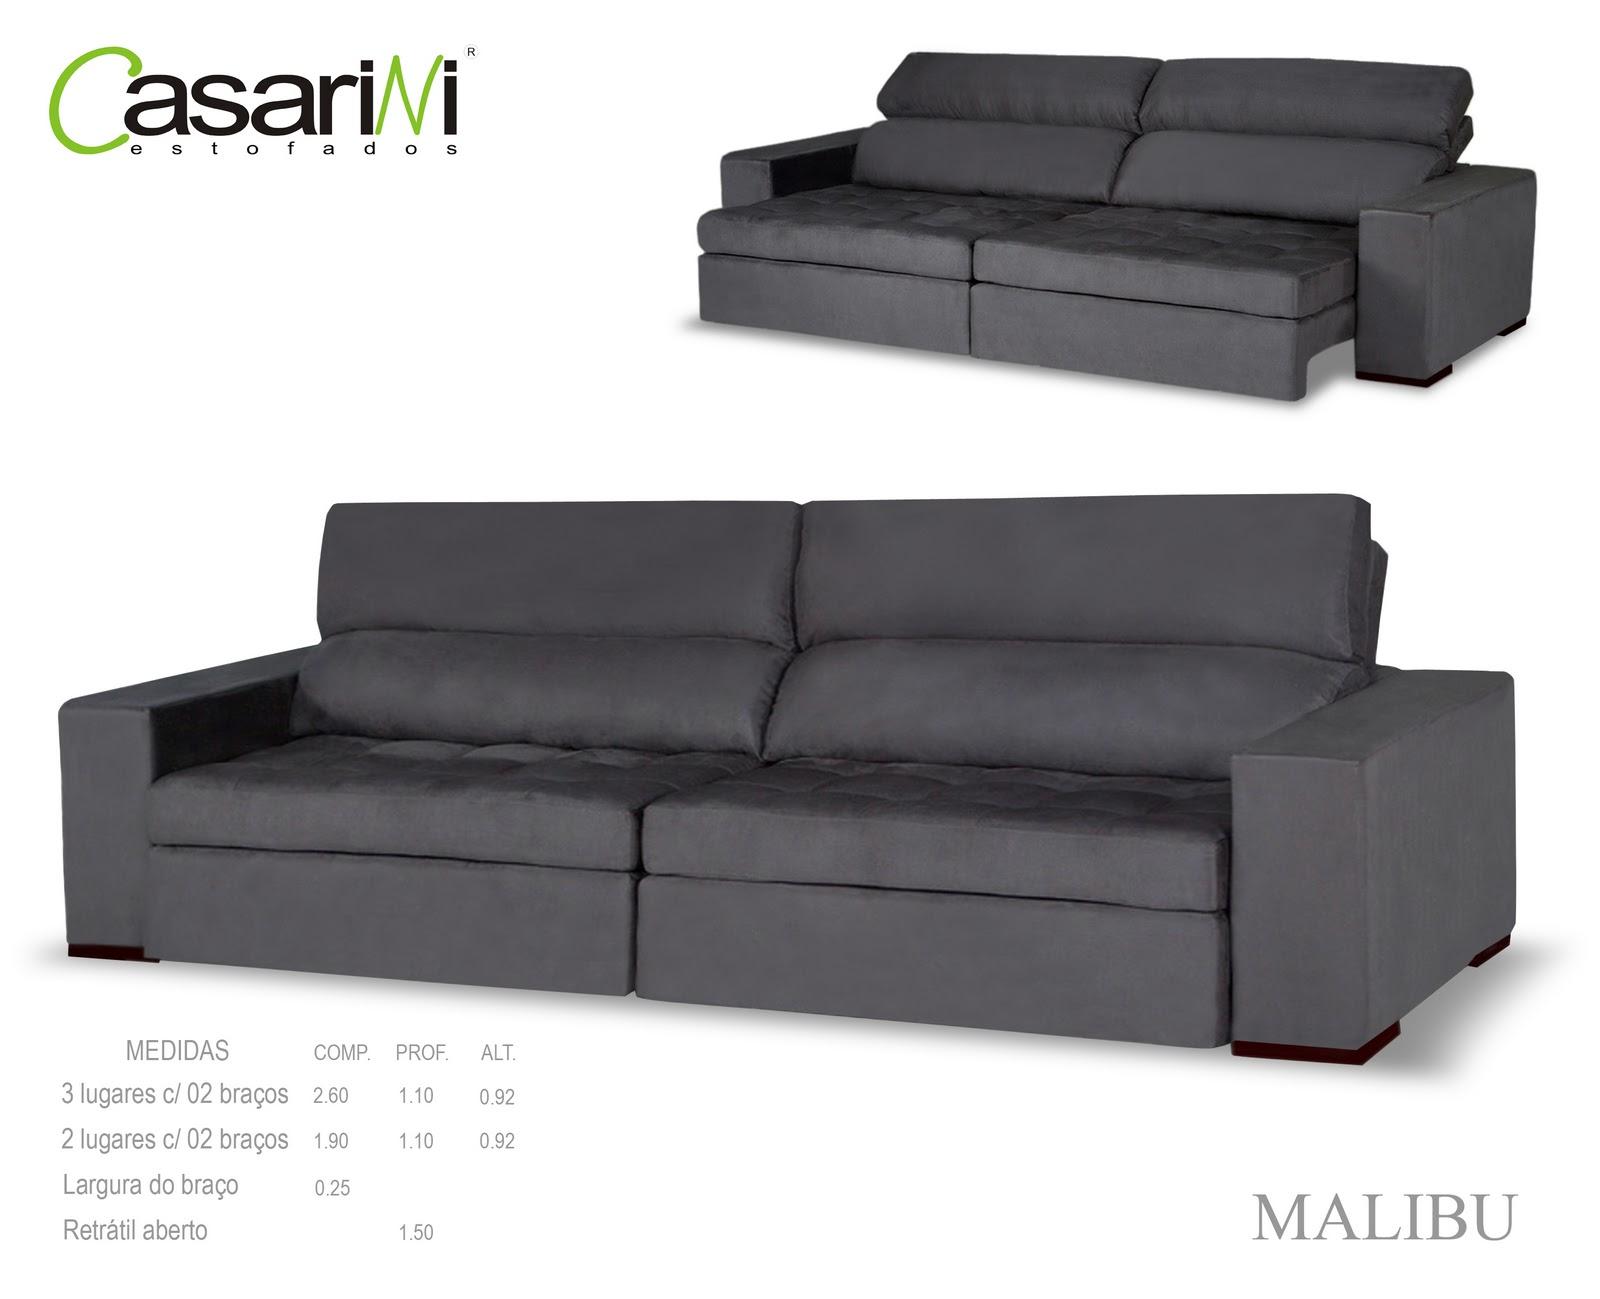 Ateli vasques sof s retr teis - Mecanismos para sofas ...